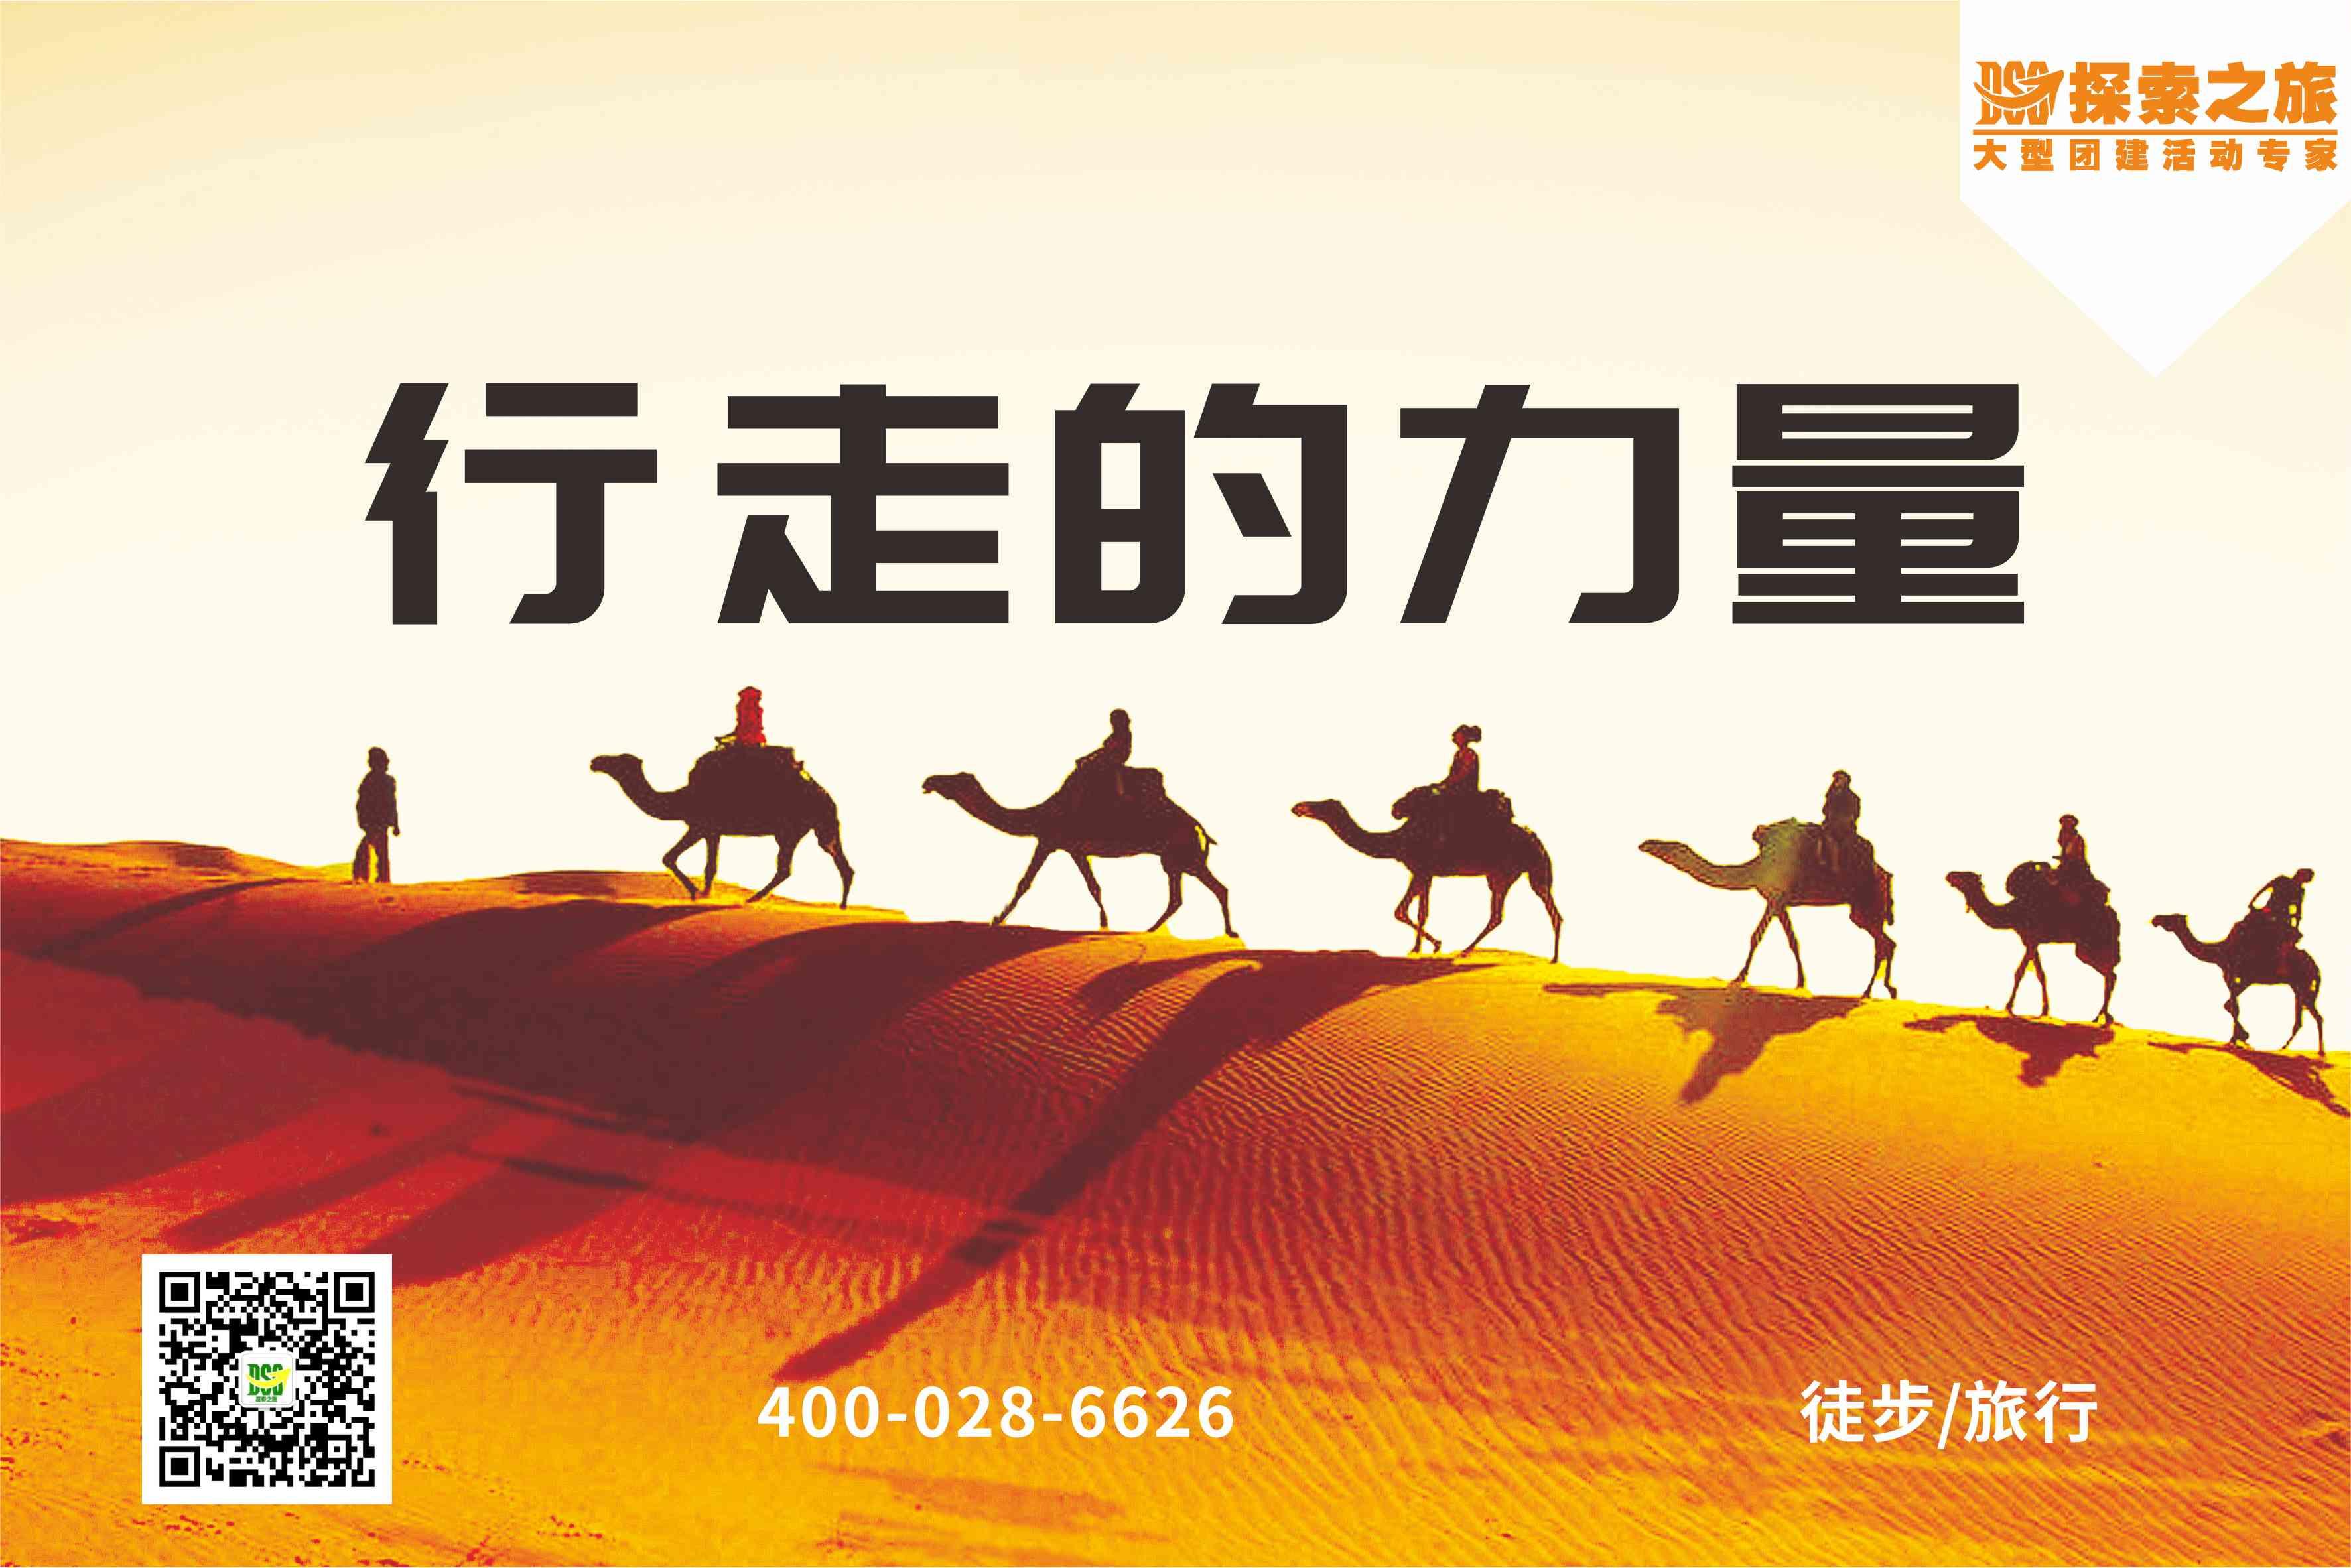 【沙漠体验】四天旅行式团建